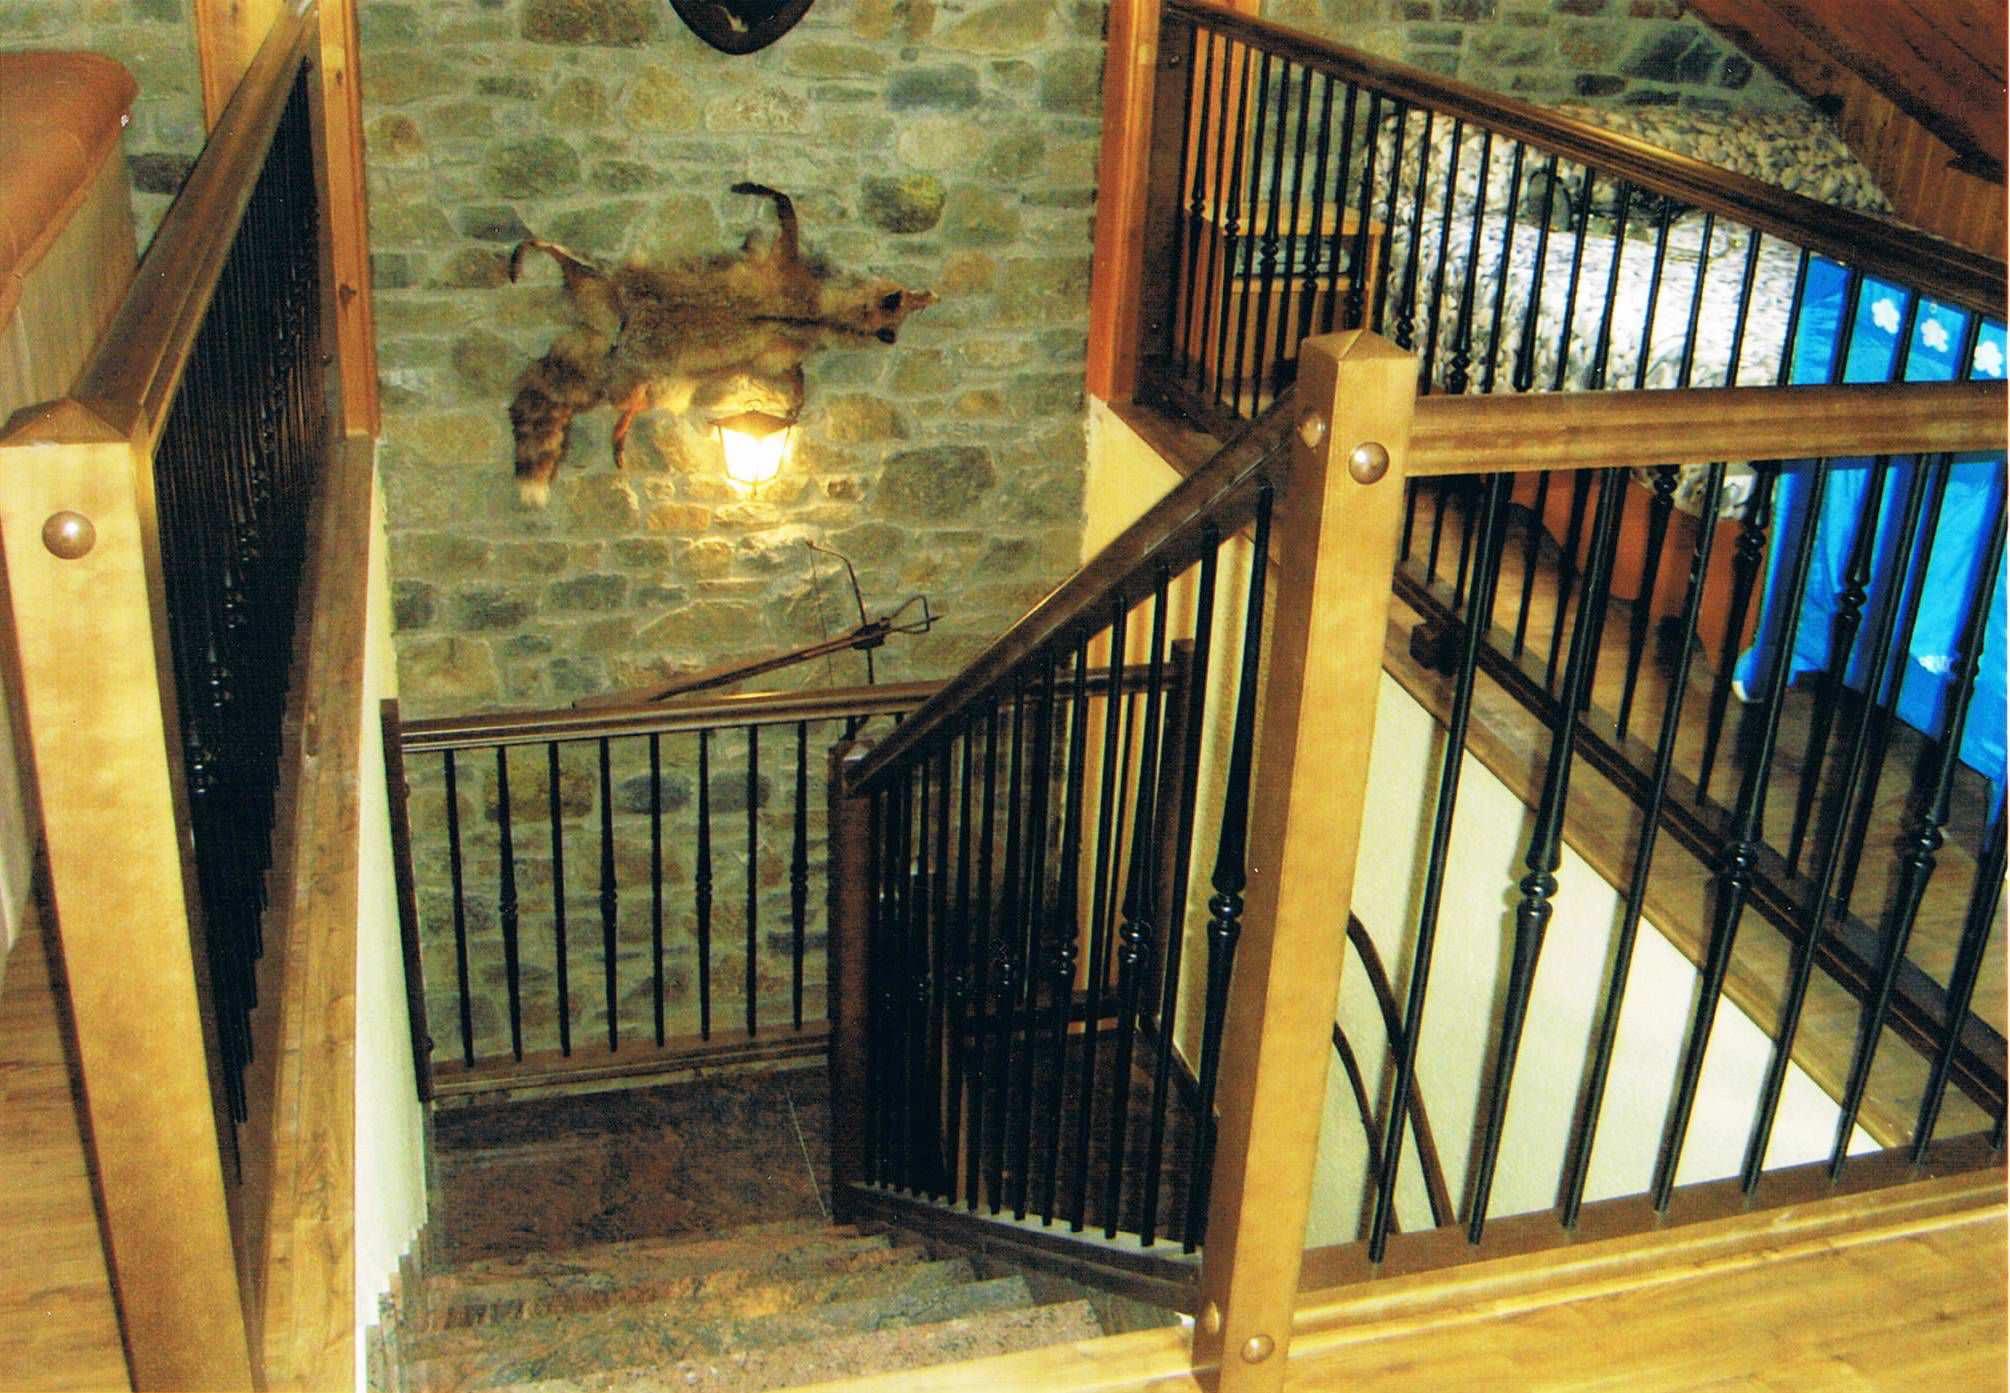 Barandilla De Metal De Madera Con Barrotes De Interior  ~ Barandillas De Forja Para Escaleras De Interior